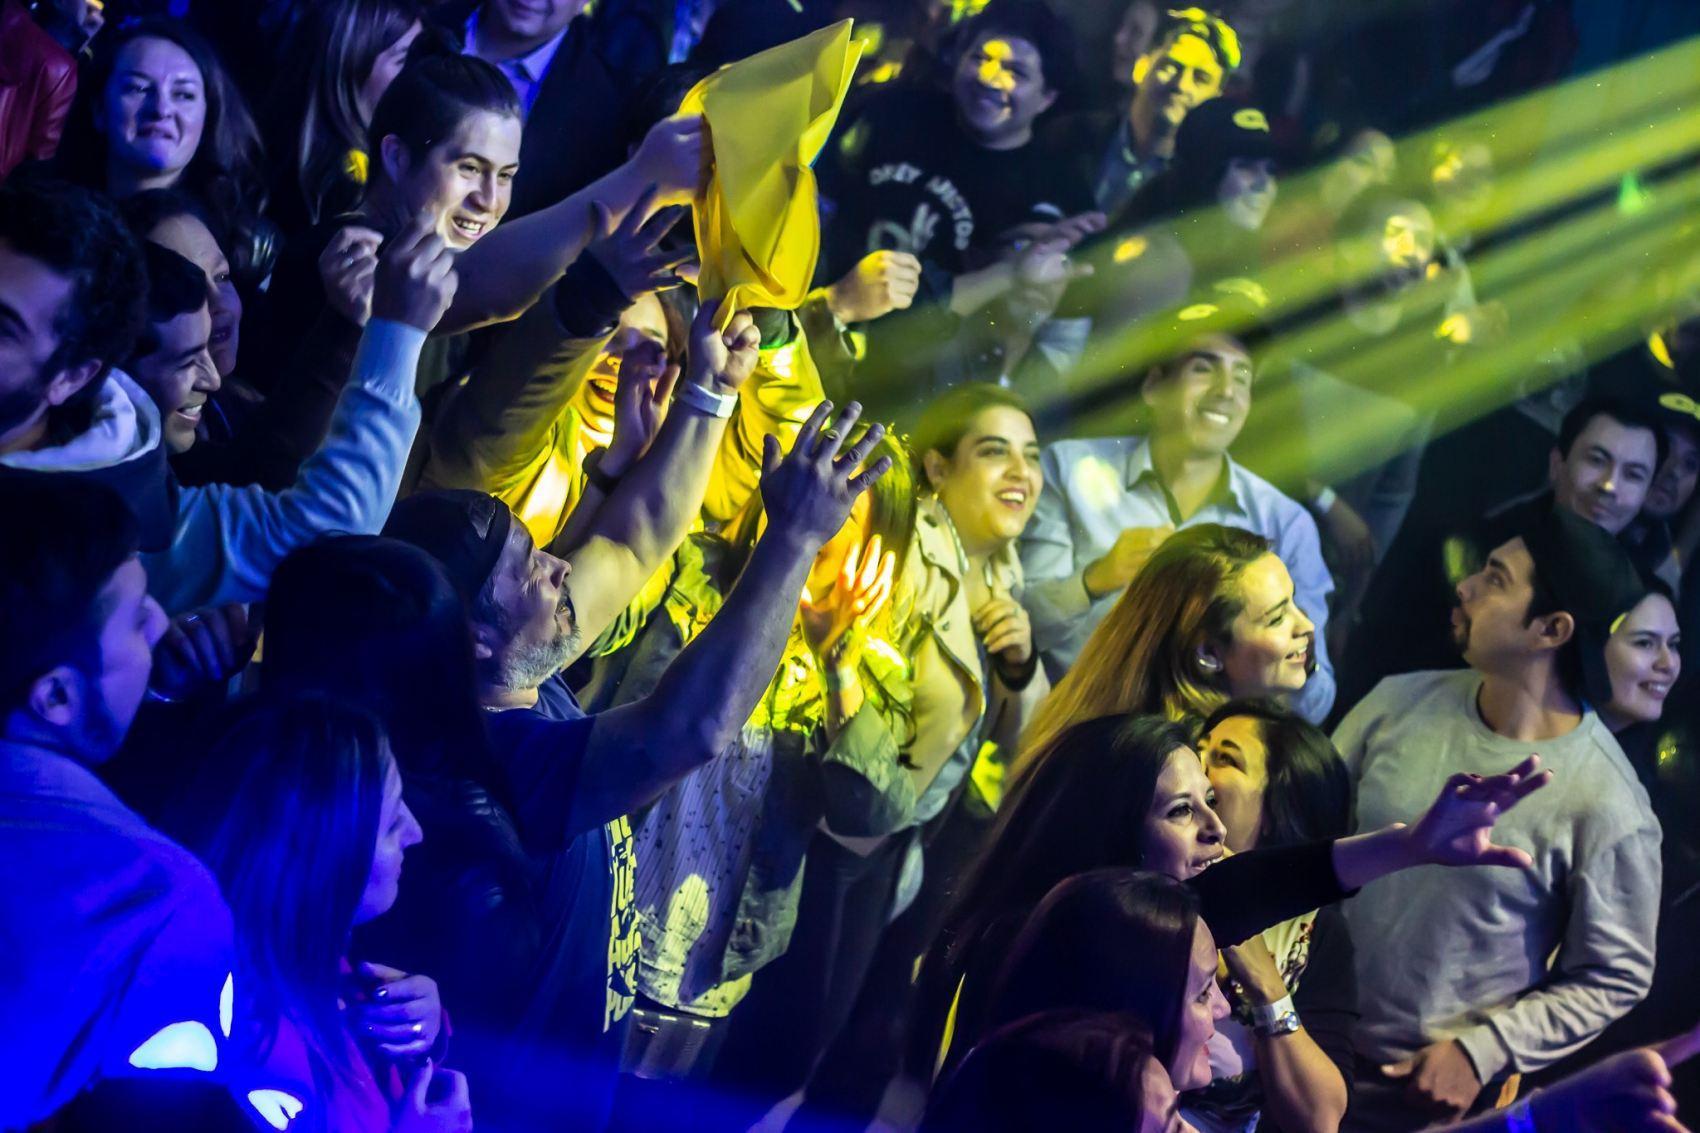 Fiesta factor90 cesar eventos San Felipe 101.3 Agosto 2019